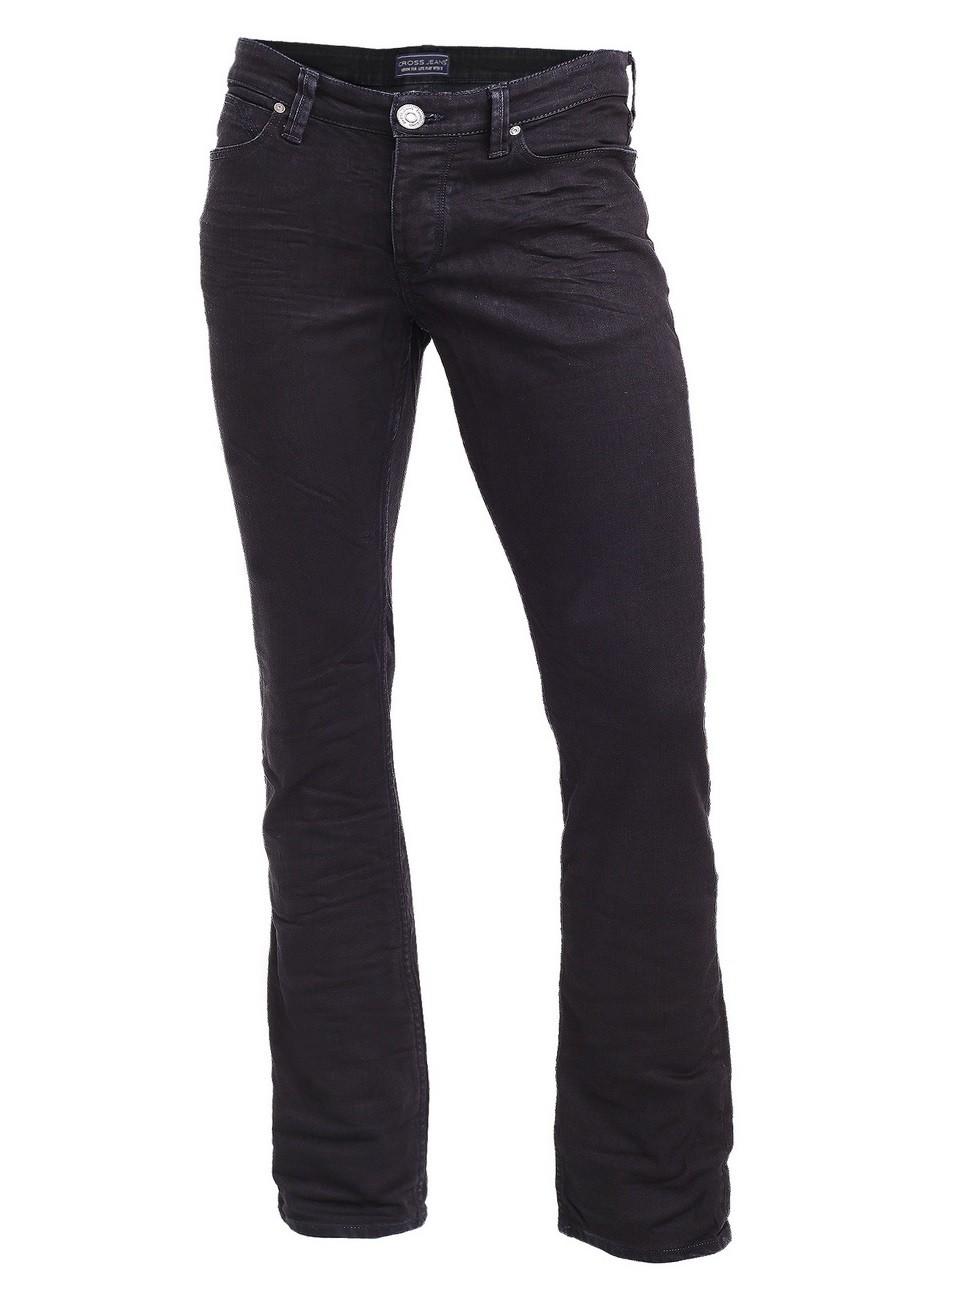 cross herren jeans dylan regular fit black crincle kaufen jeans direct de. Black Bedroom Furniture Sets. Home Design Ideas